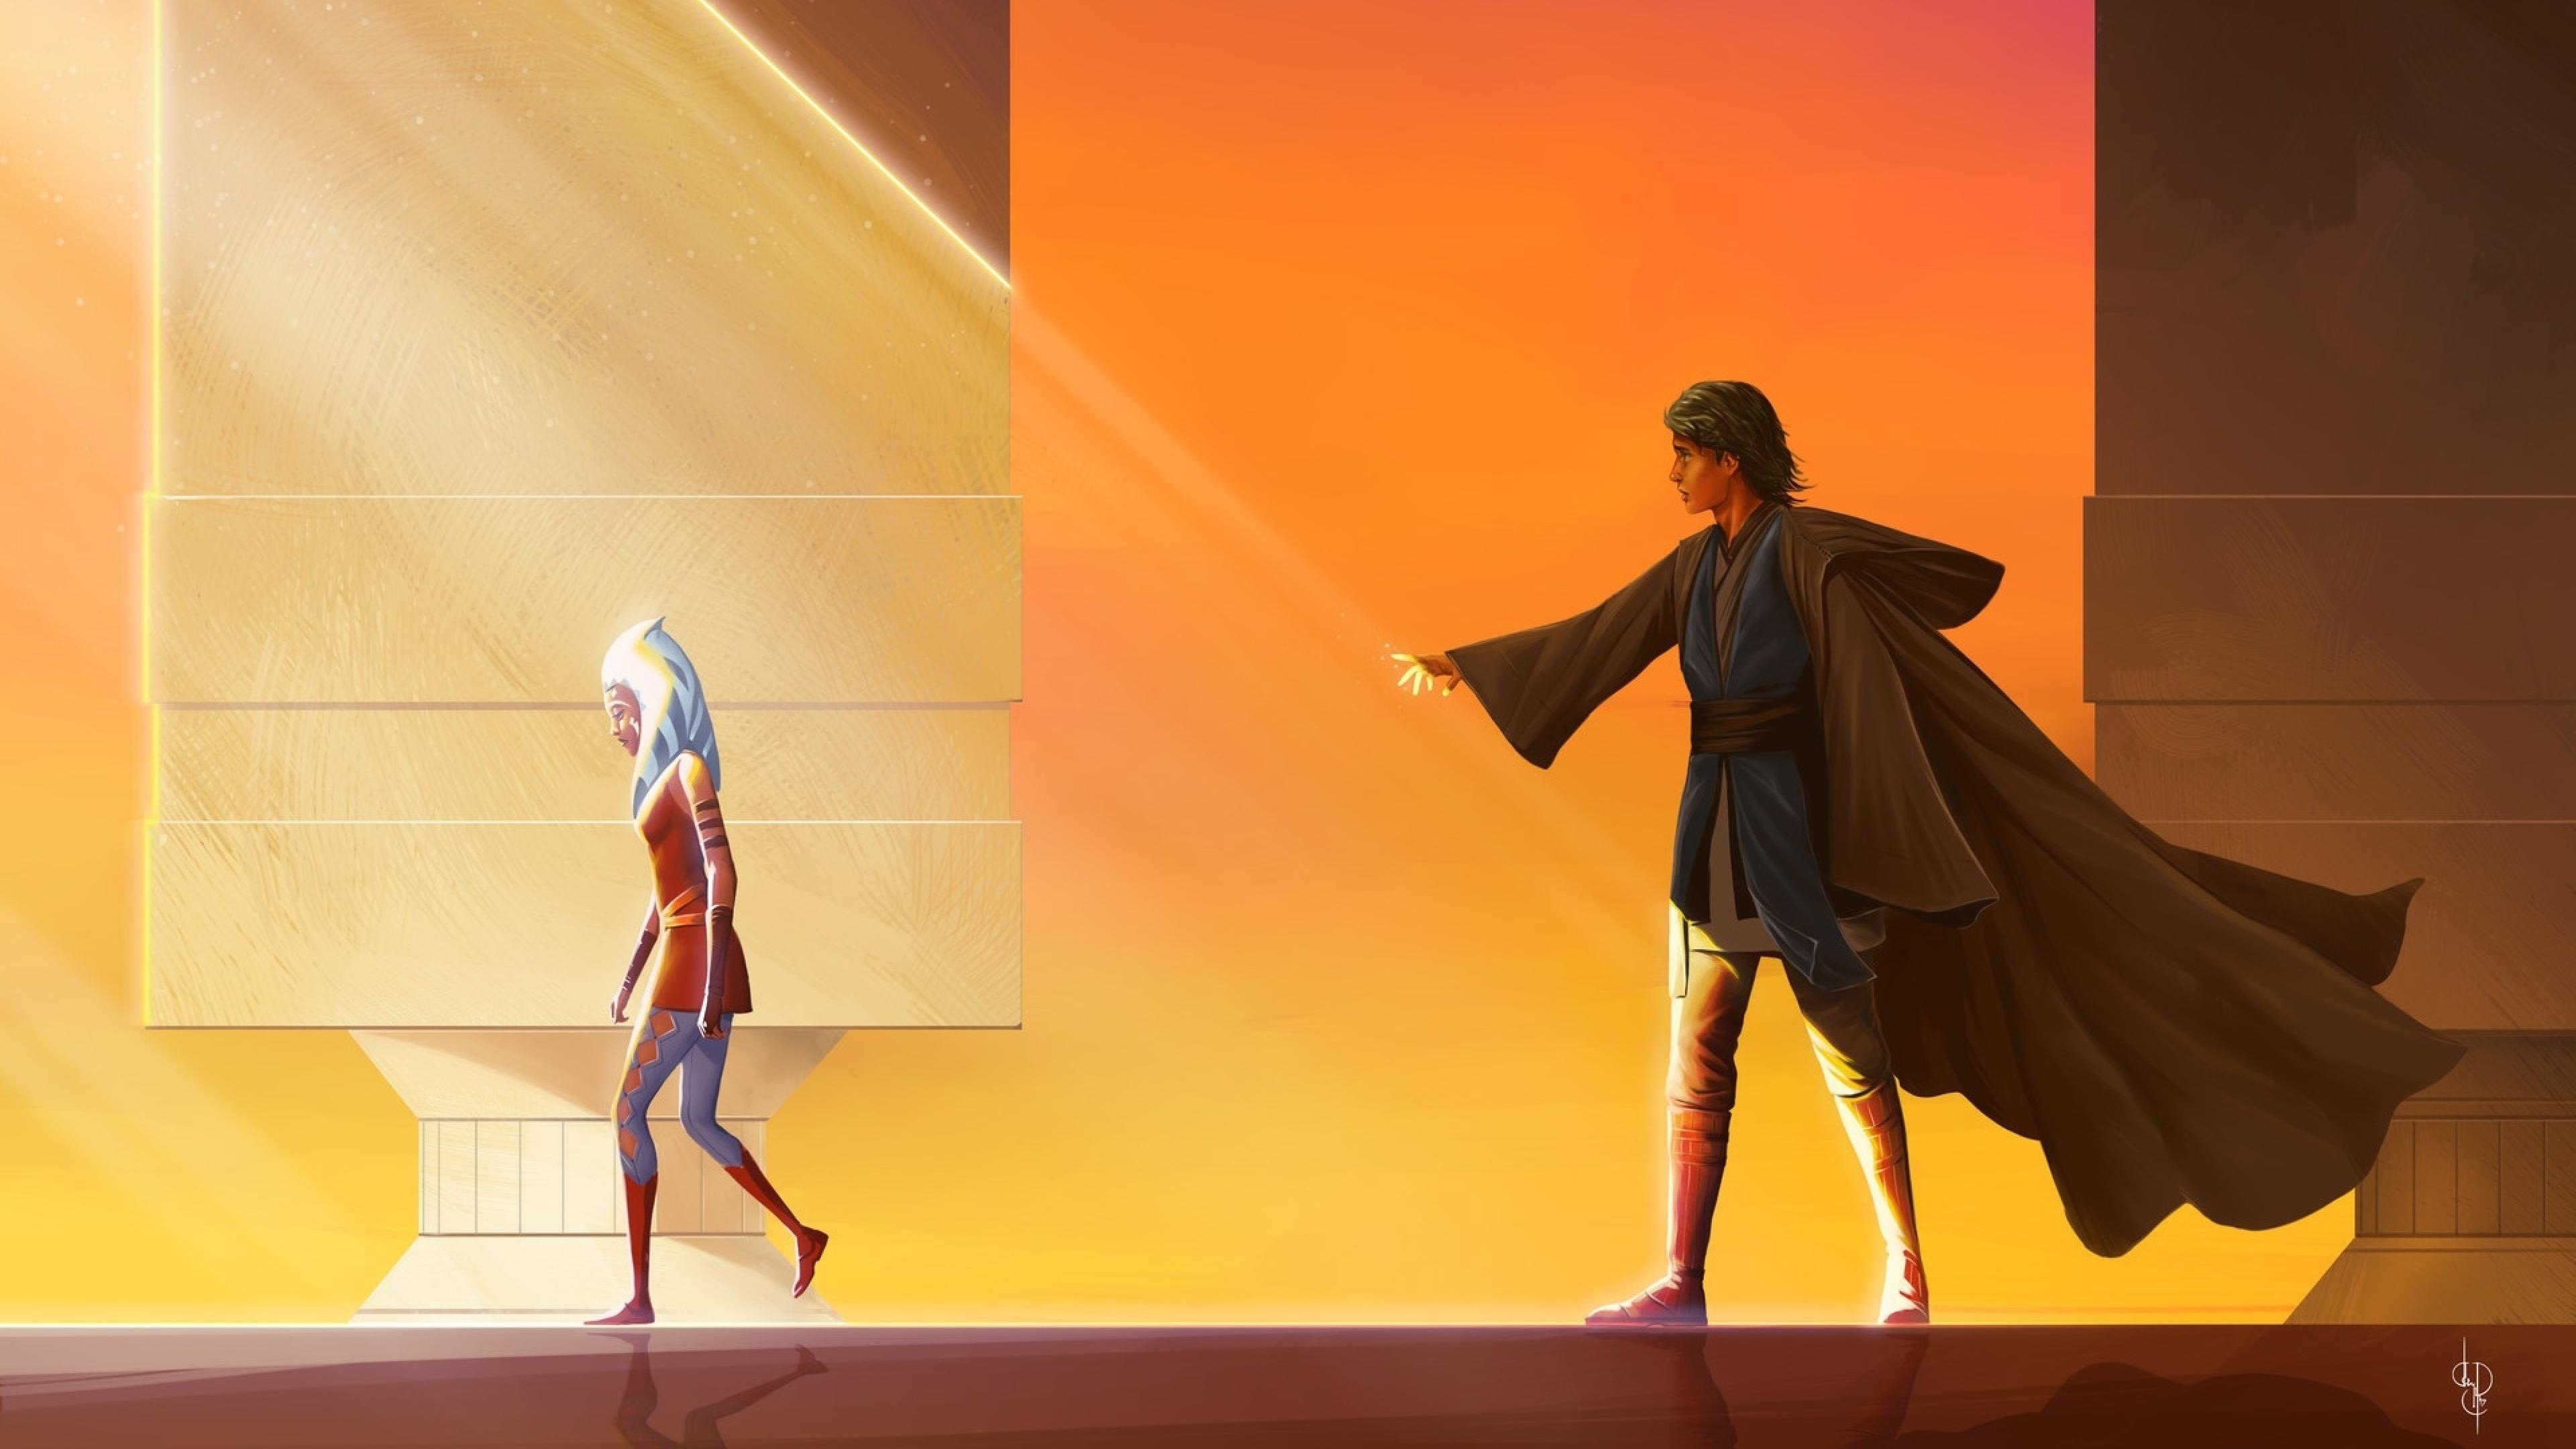 ahsoka tano and anakin skywalker art a21oZmWUmZqaraWkpJRobWllrWdma2U